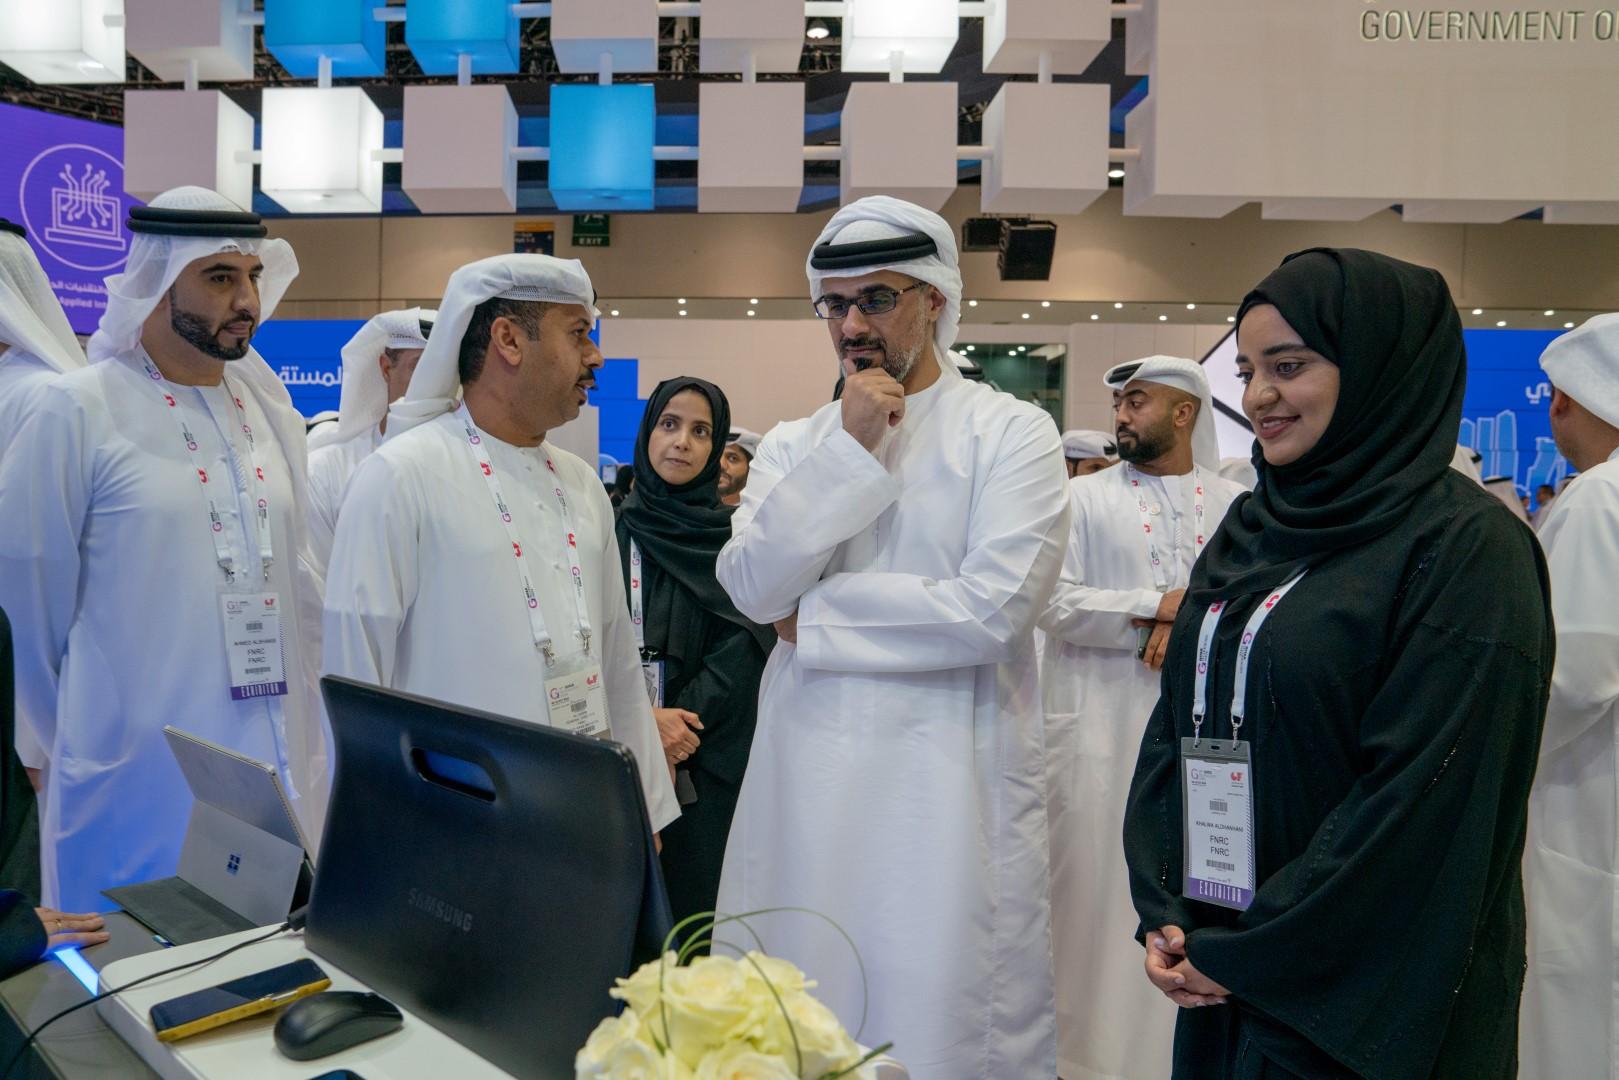 خالد بن محمد بن زايد يزور معرض جيتكس للتقنية